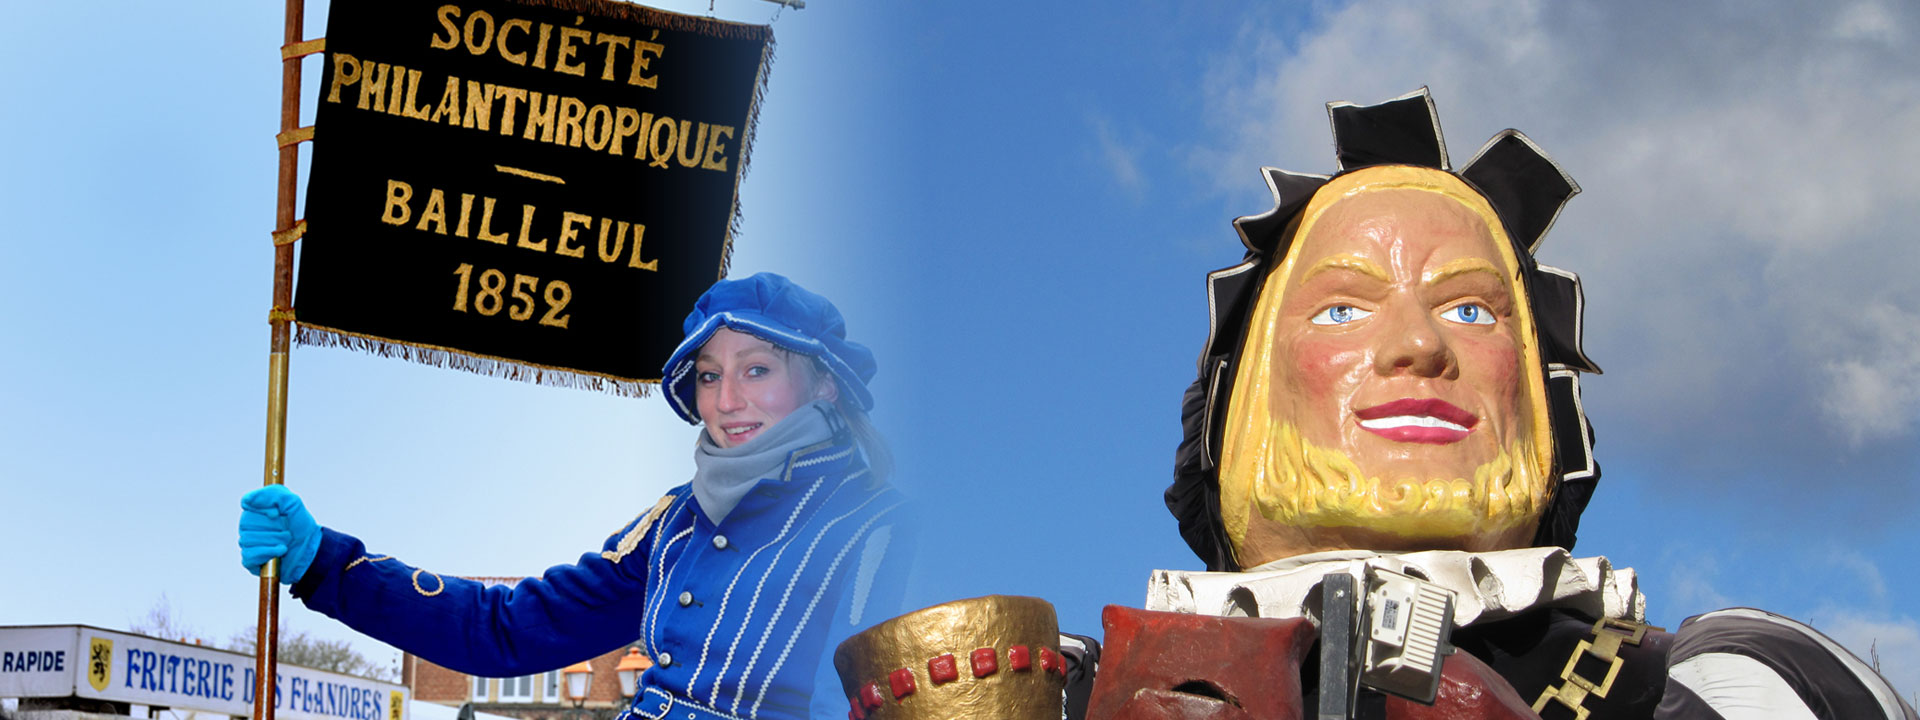 Bienvenue sur le site de la Société Philanthropique du Carnaval de Bailleul